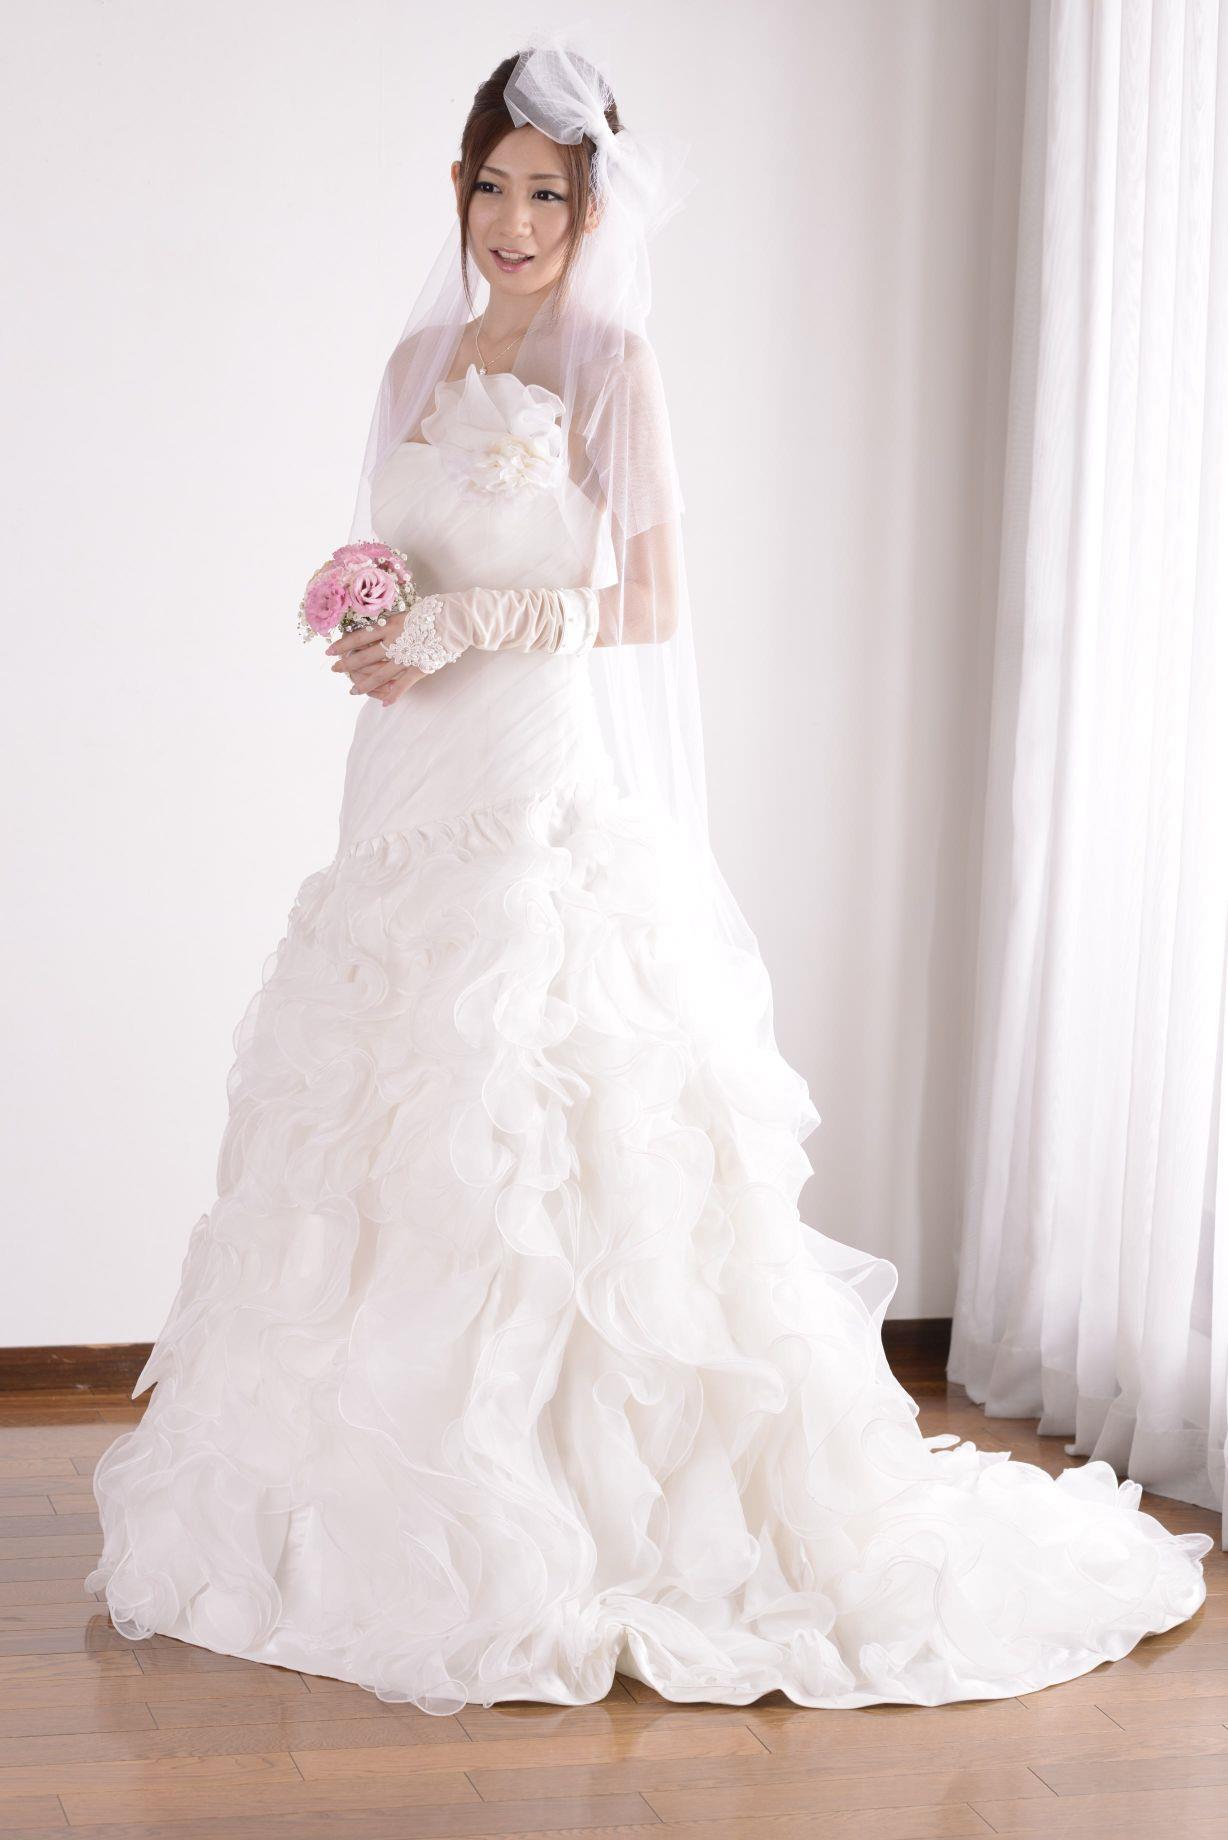 前田かおり ウェディングドレス画像 17